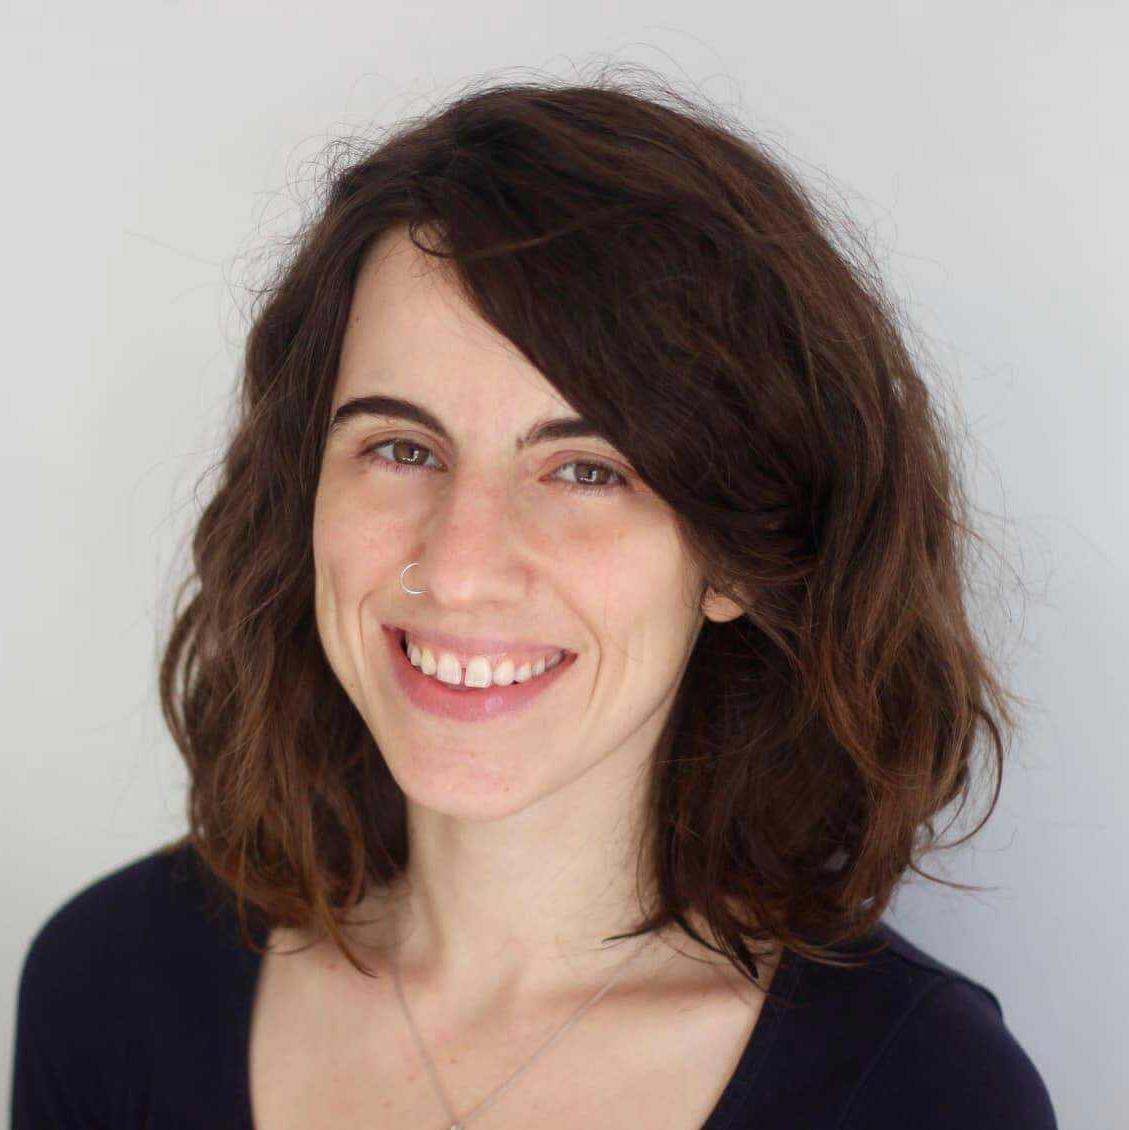 Tiana Bakic Hayden (Argentina)